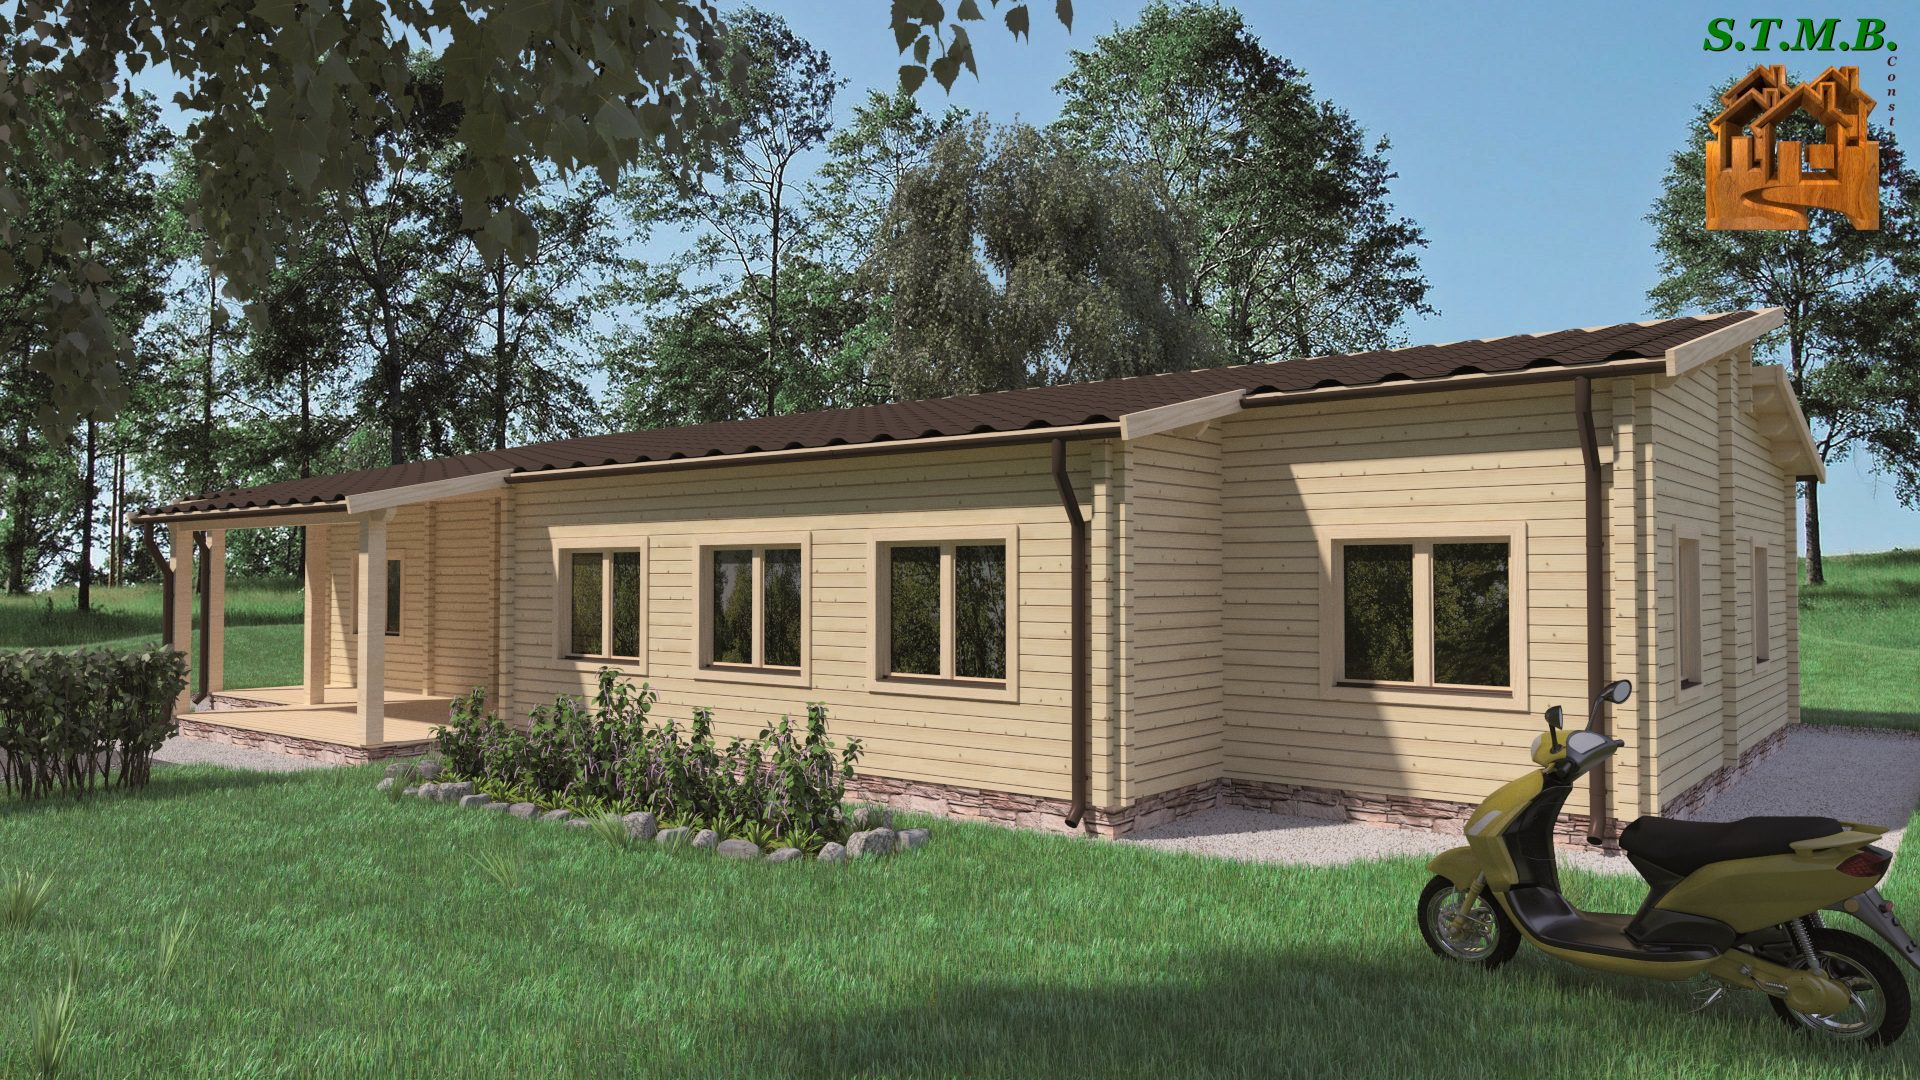 comment choisir son chalet habitable en bois stmb. Black Bedroom Furniture Sets. Home Design Ideas